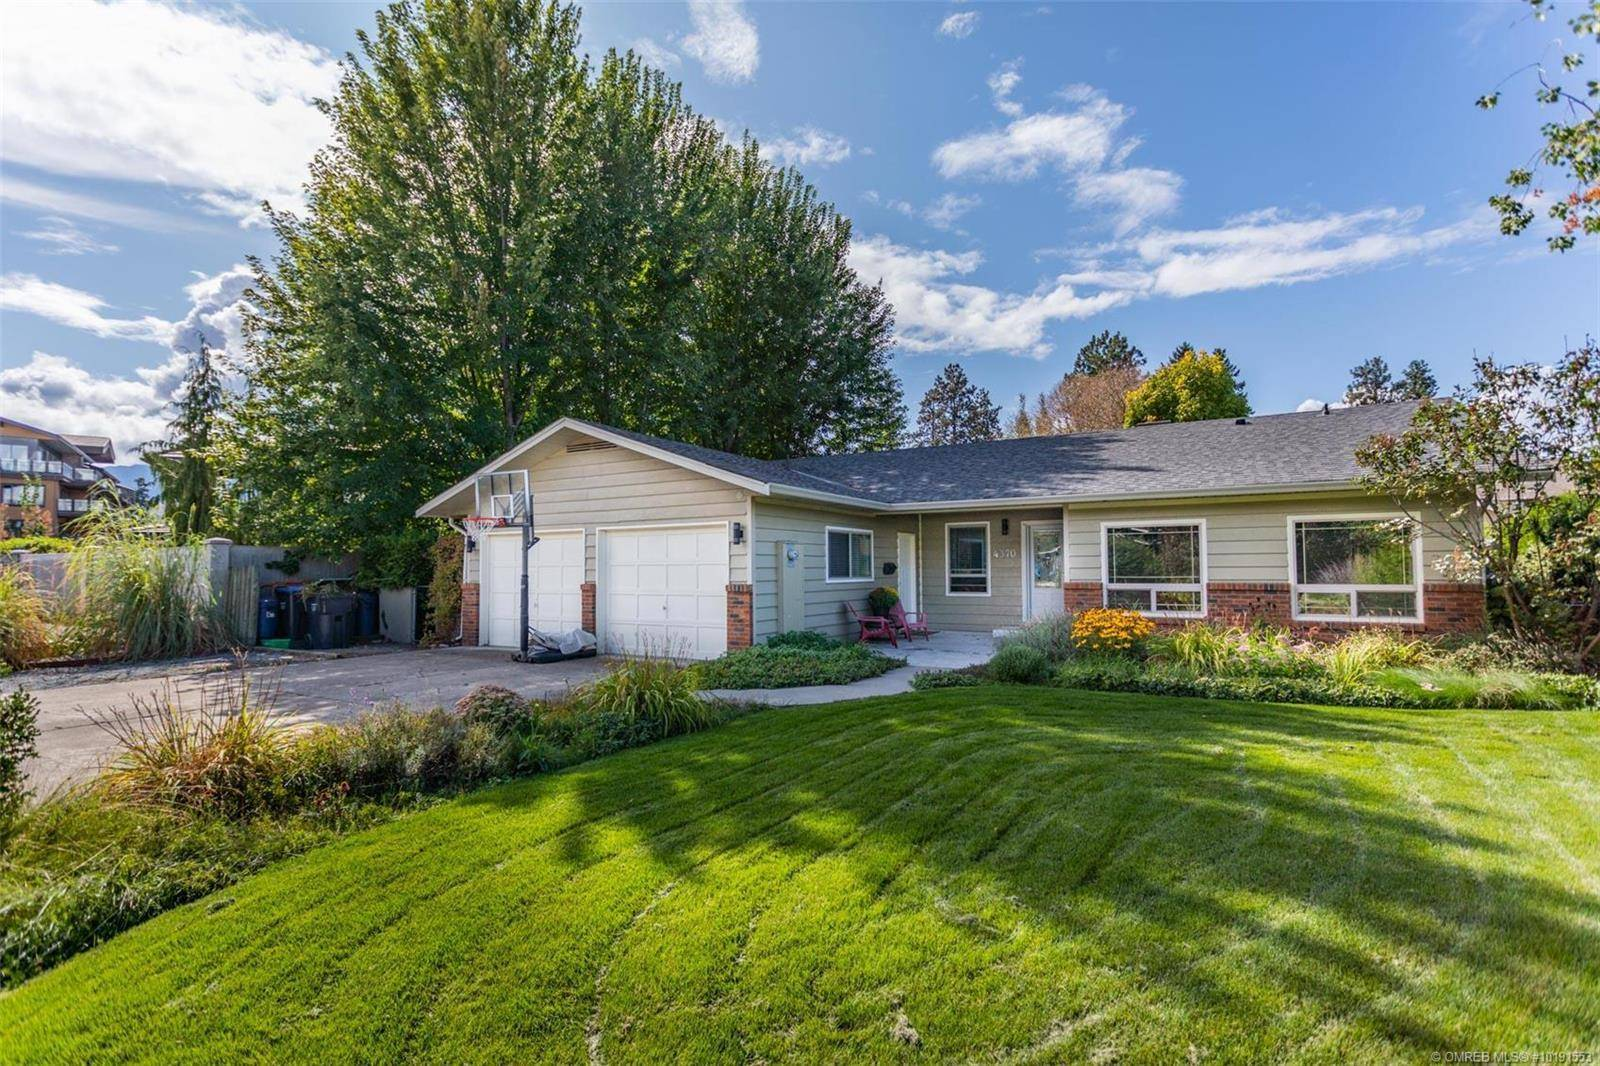 House for sale at 4370 Edinburgh Ct Kelowna British Columbia - MLS: 10191553